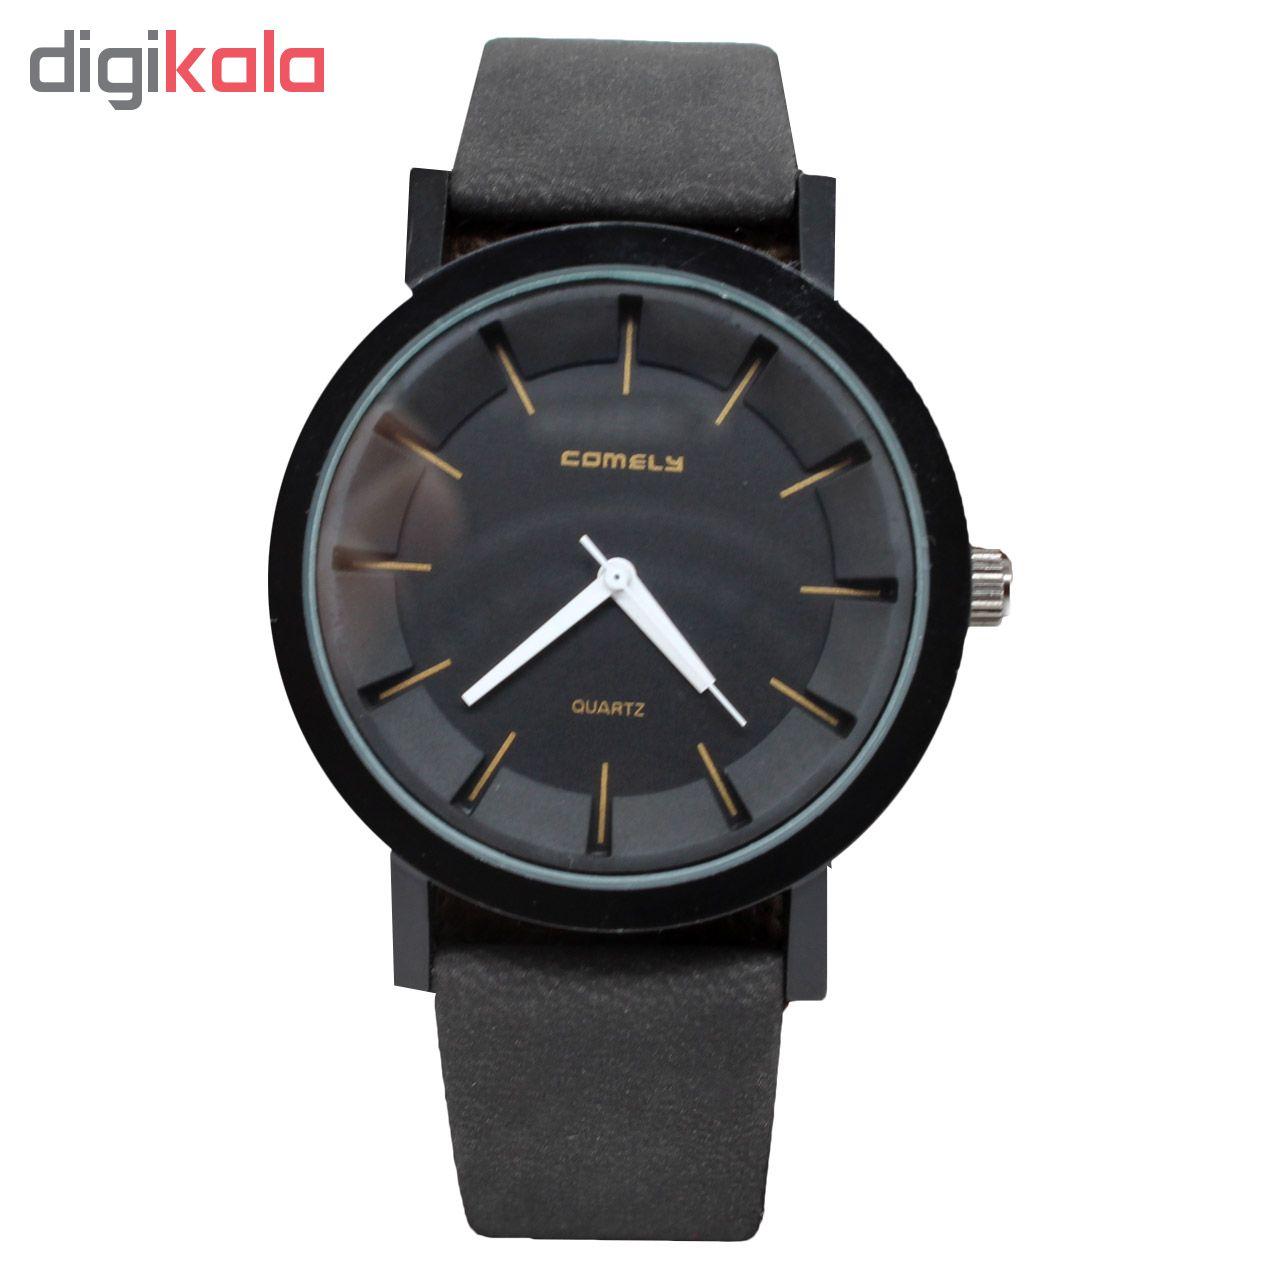 خرید ساعت مچی عقربه ای کملی مدل KW-006 | ساعت مچی